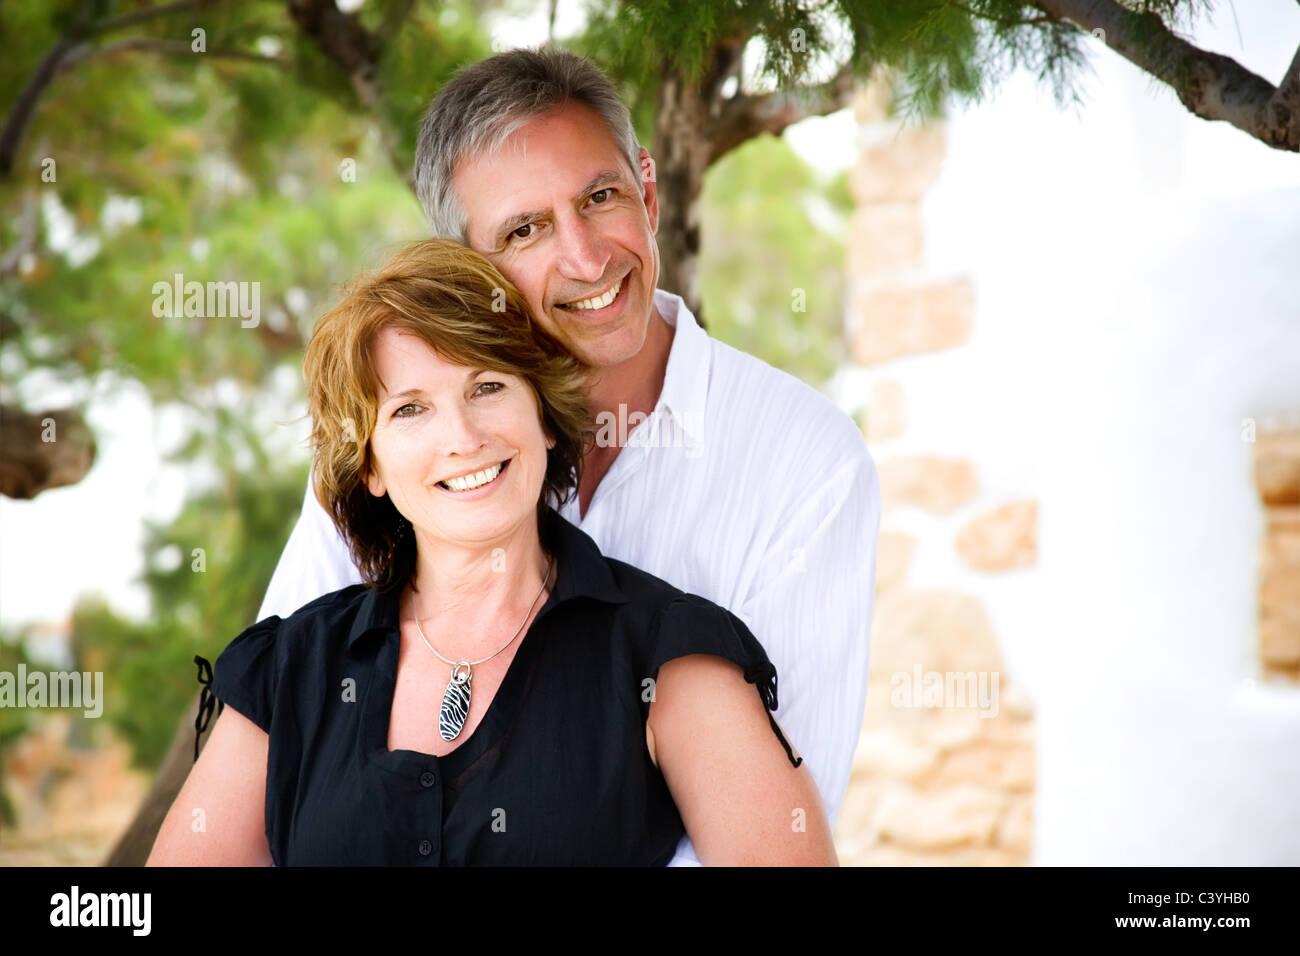 Mature couples photos